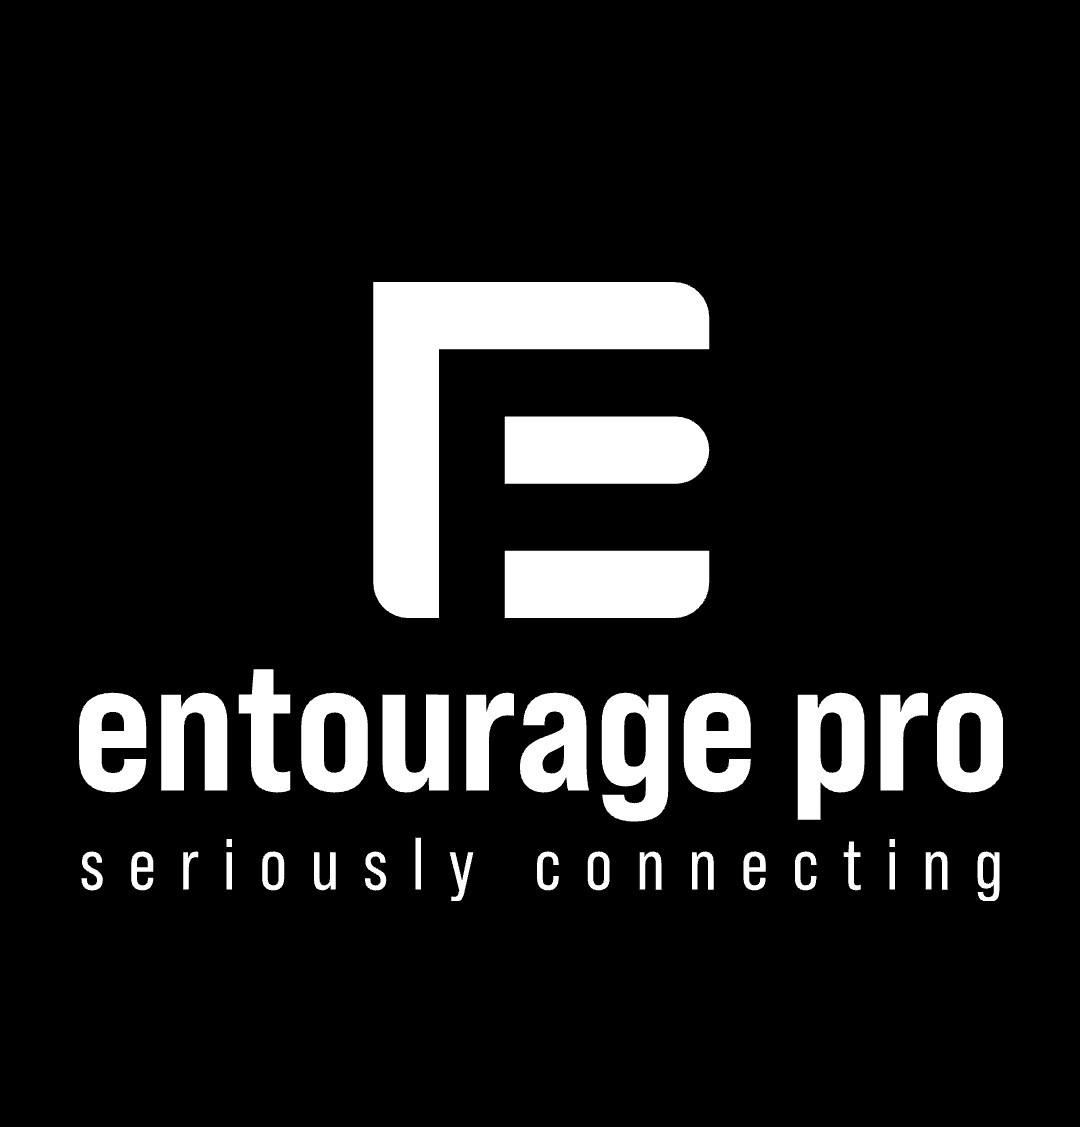 Entourage Pro goes LIVE #SeriouslyConnecting